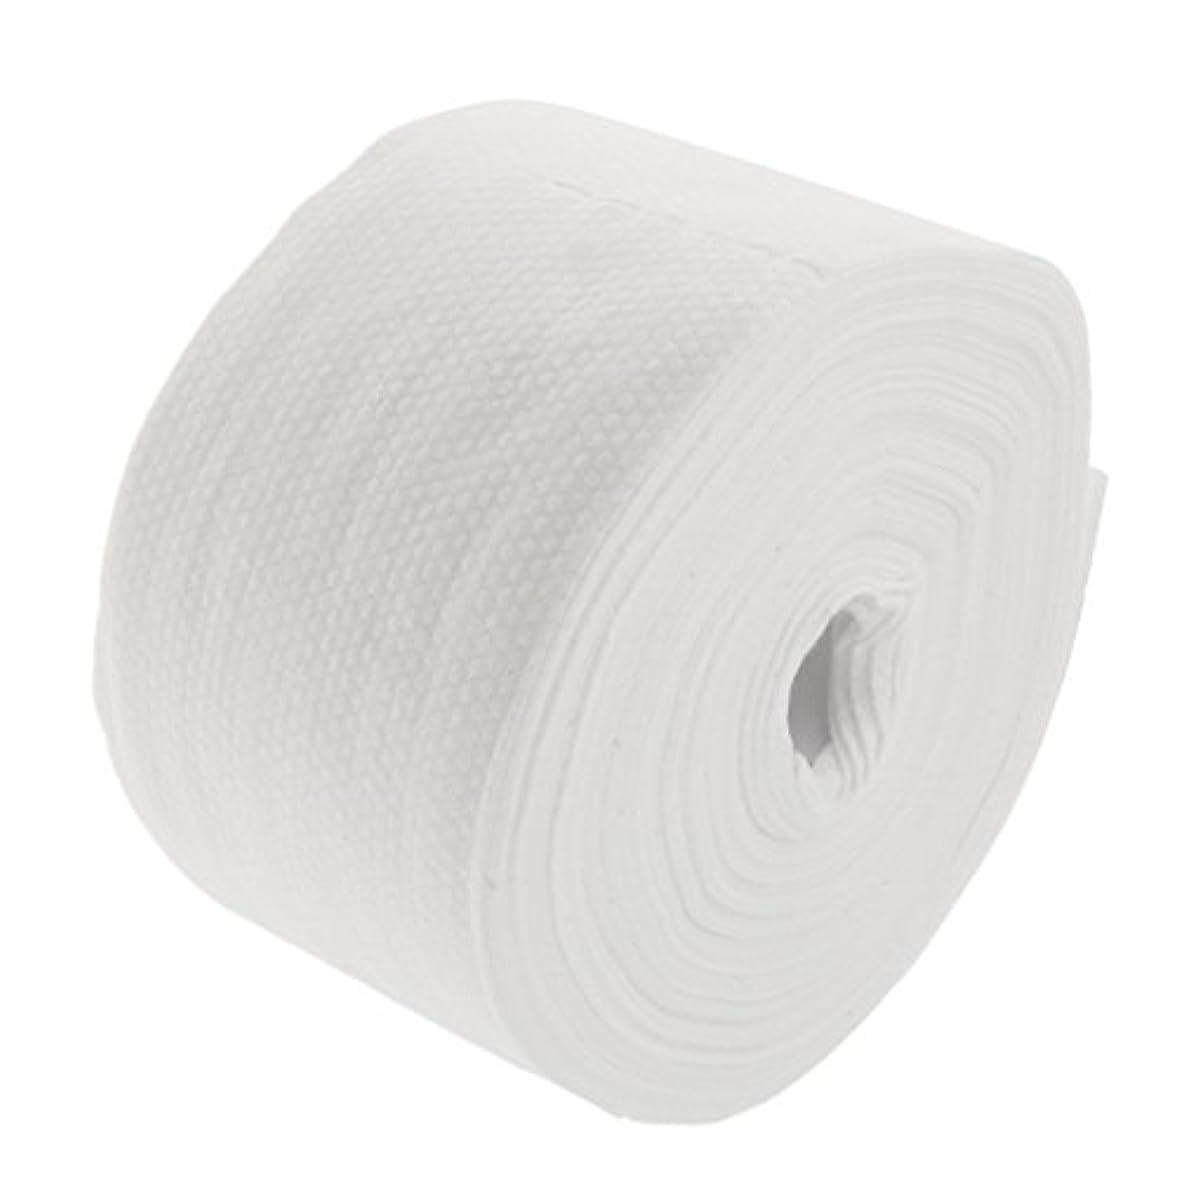 コットン震えたるみDYNWAVE 30メートルの使い捨て可能な綿タオル繊維クレンジングフェイシャルワイプメイク落とし